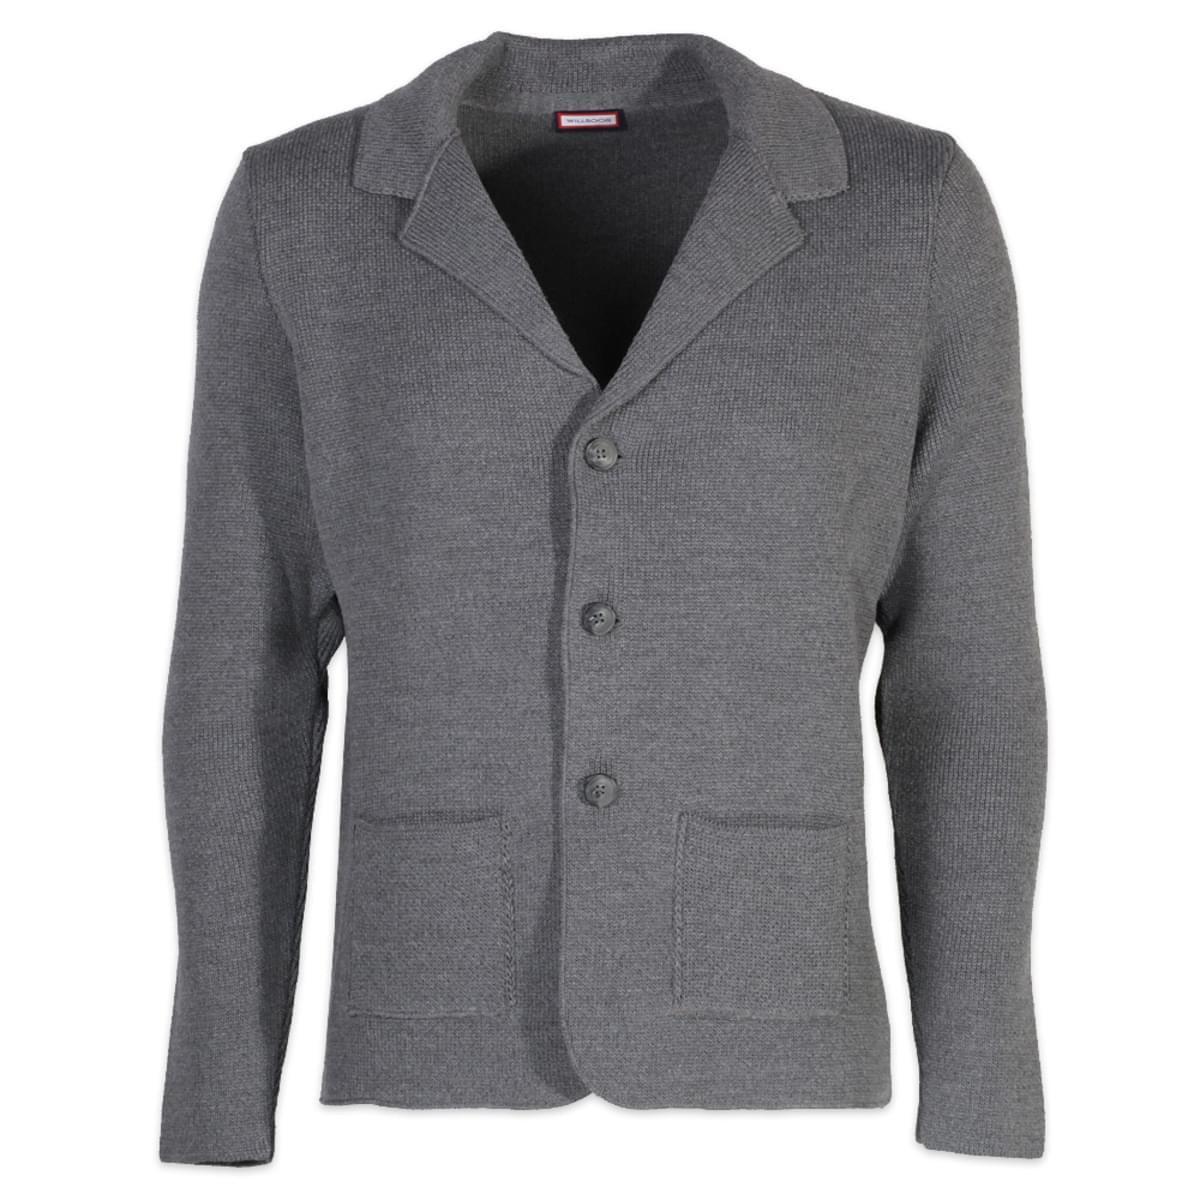 Pánský svetr na knoflíky Willsoor 6110 v šedé barvě L